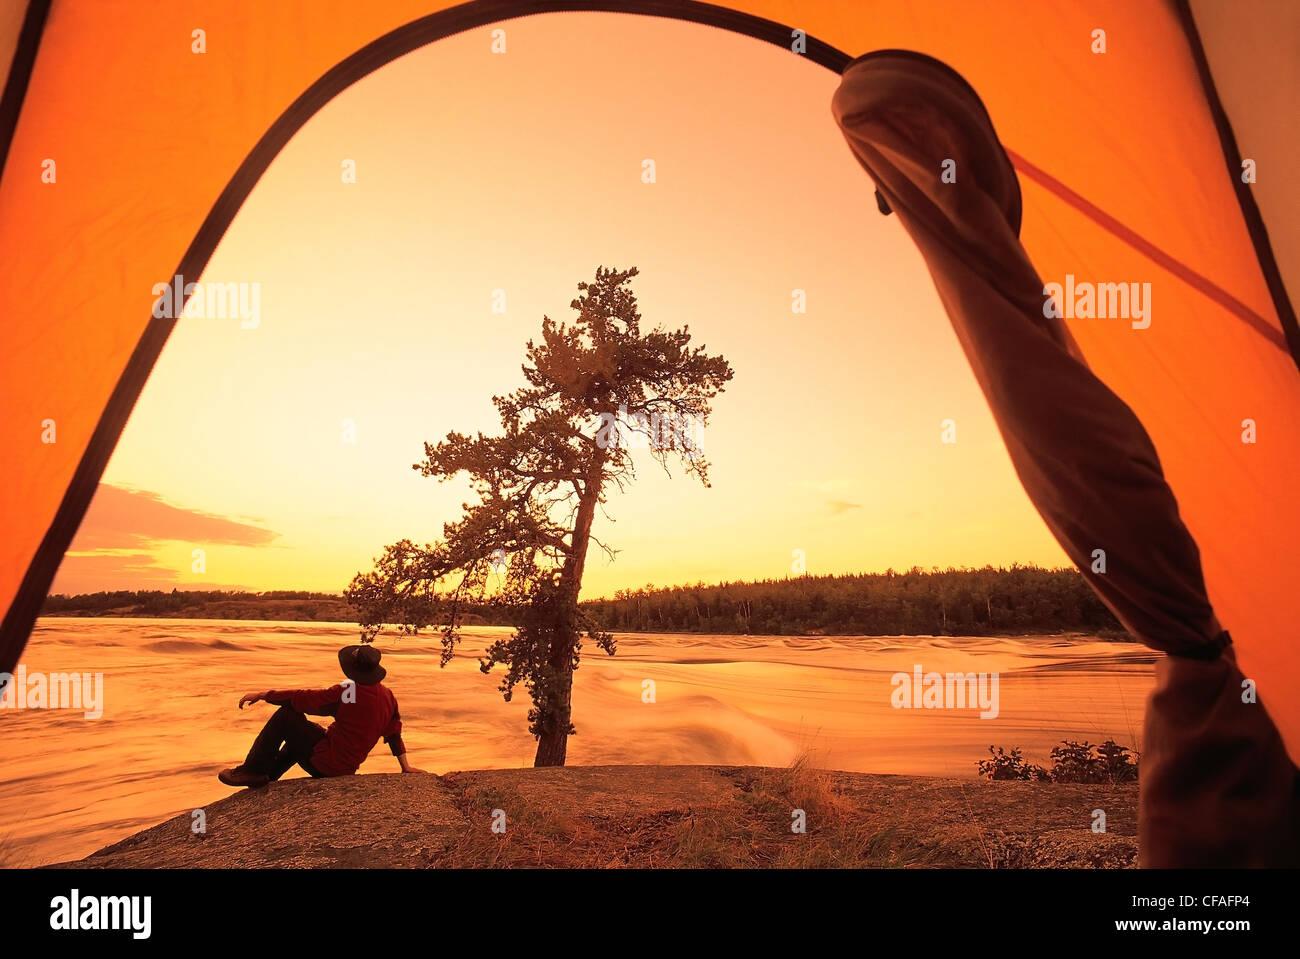 Camper su roccia, Storione caduta, Whiteshell Provincial Park, Manitoba, Canada. Immagini Stock